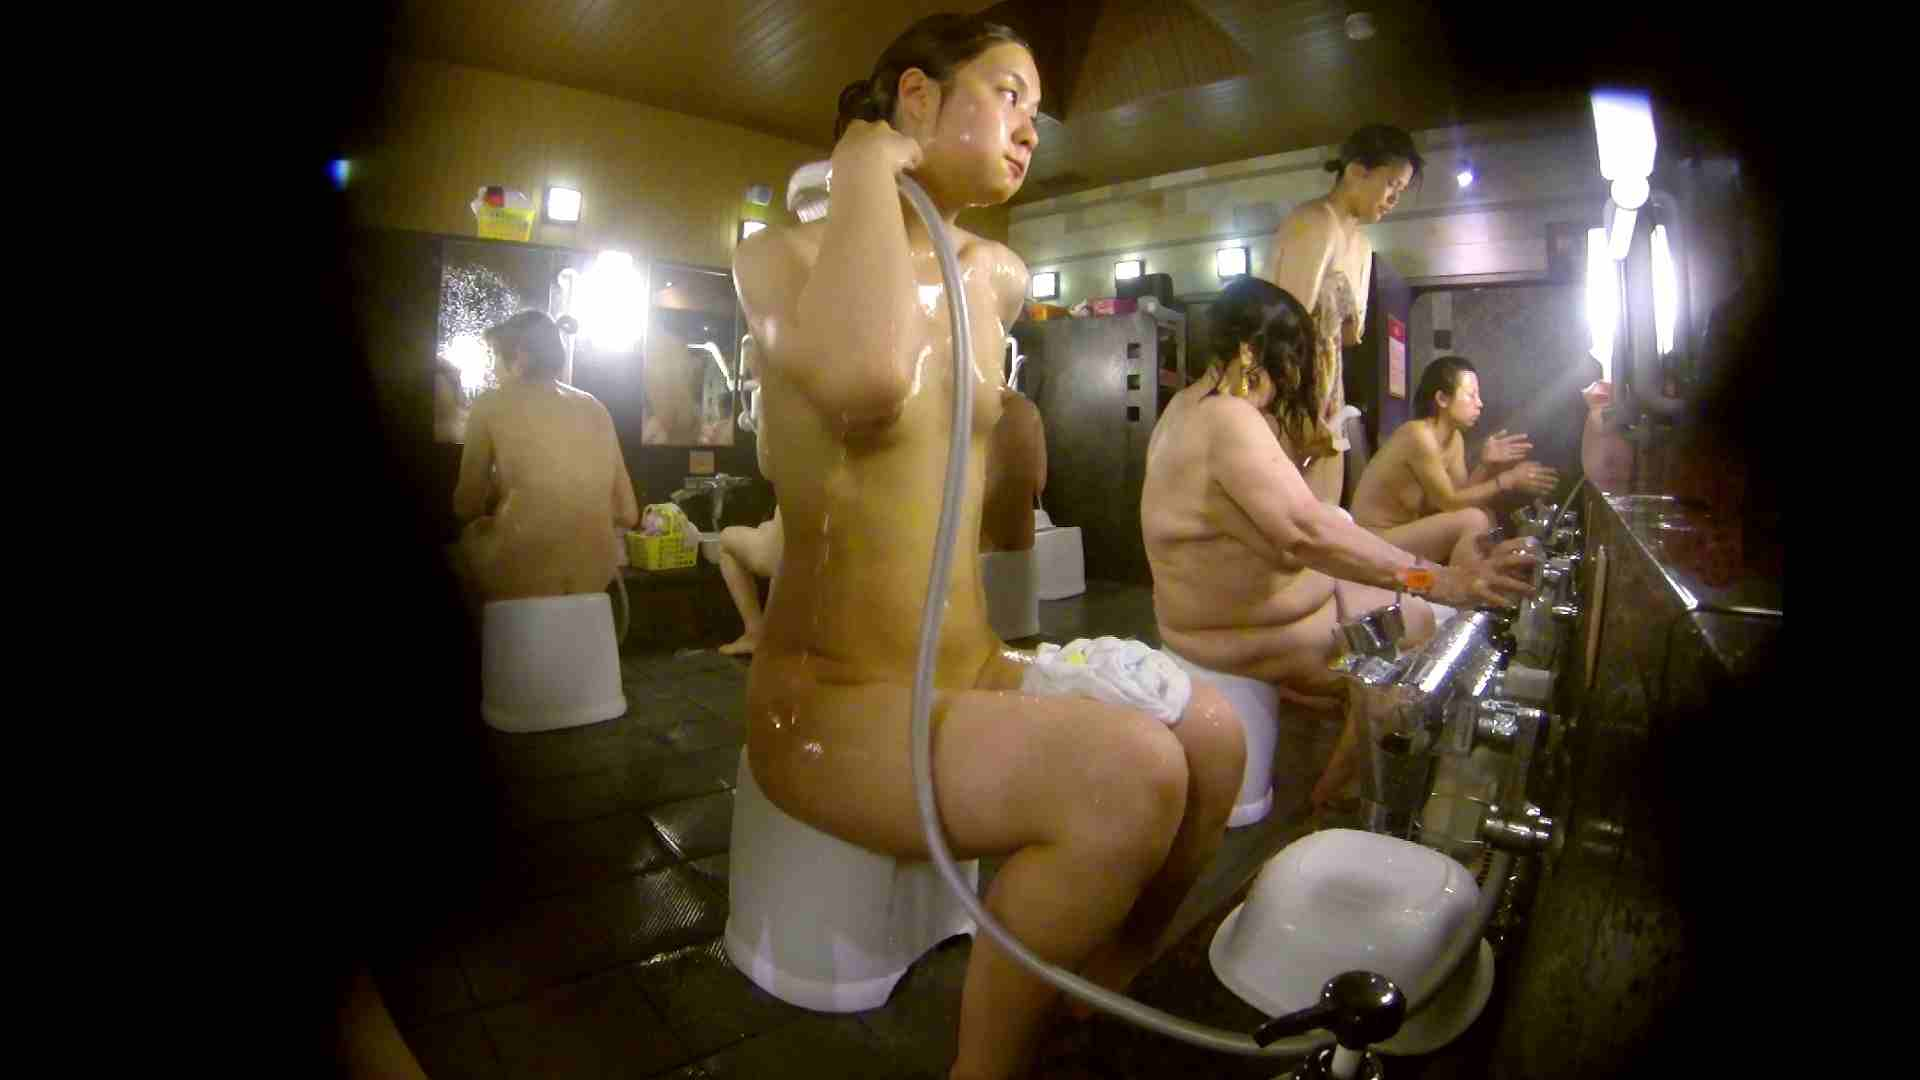 追い撮り!脱衣~洗い場、徹底追跡!撮り師さんに拍手!! 追跡  67PIX 46